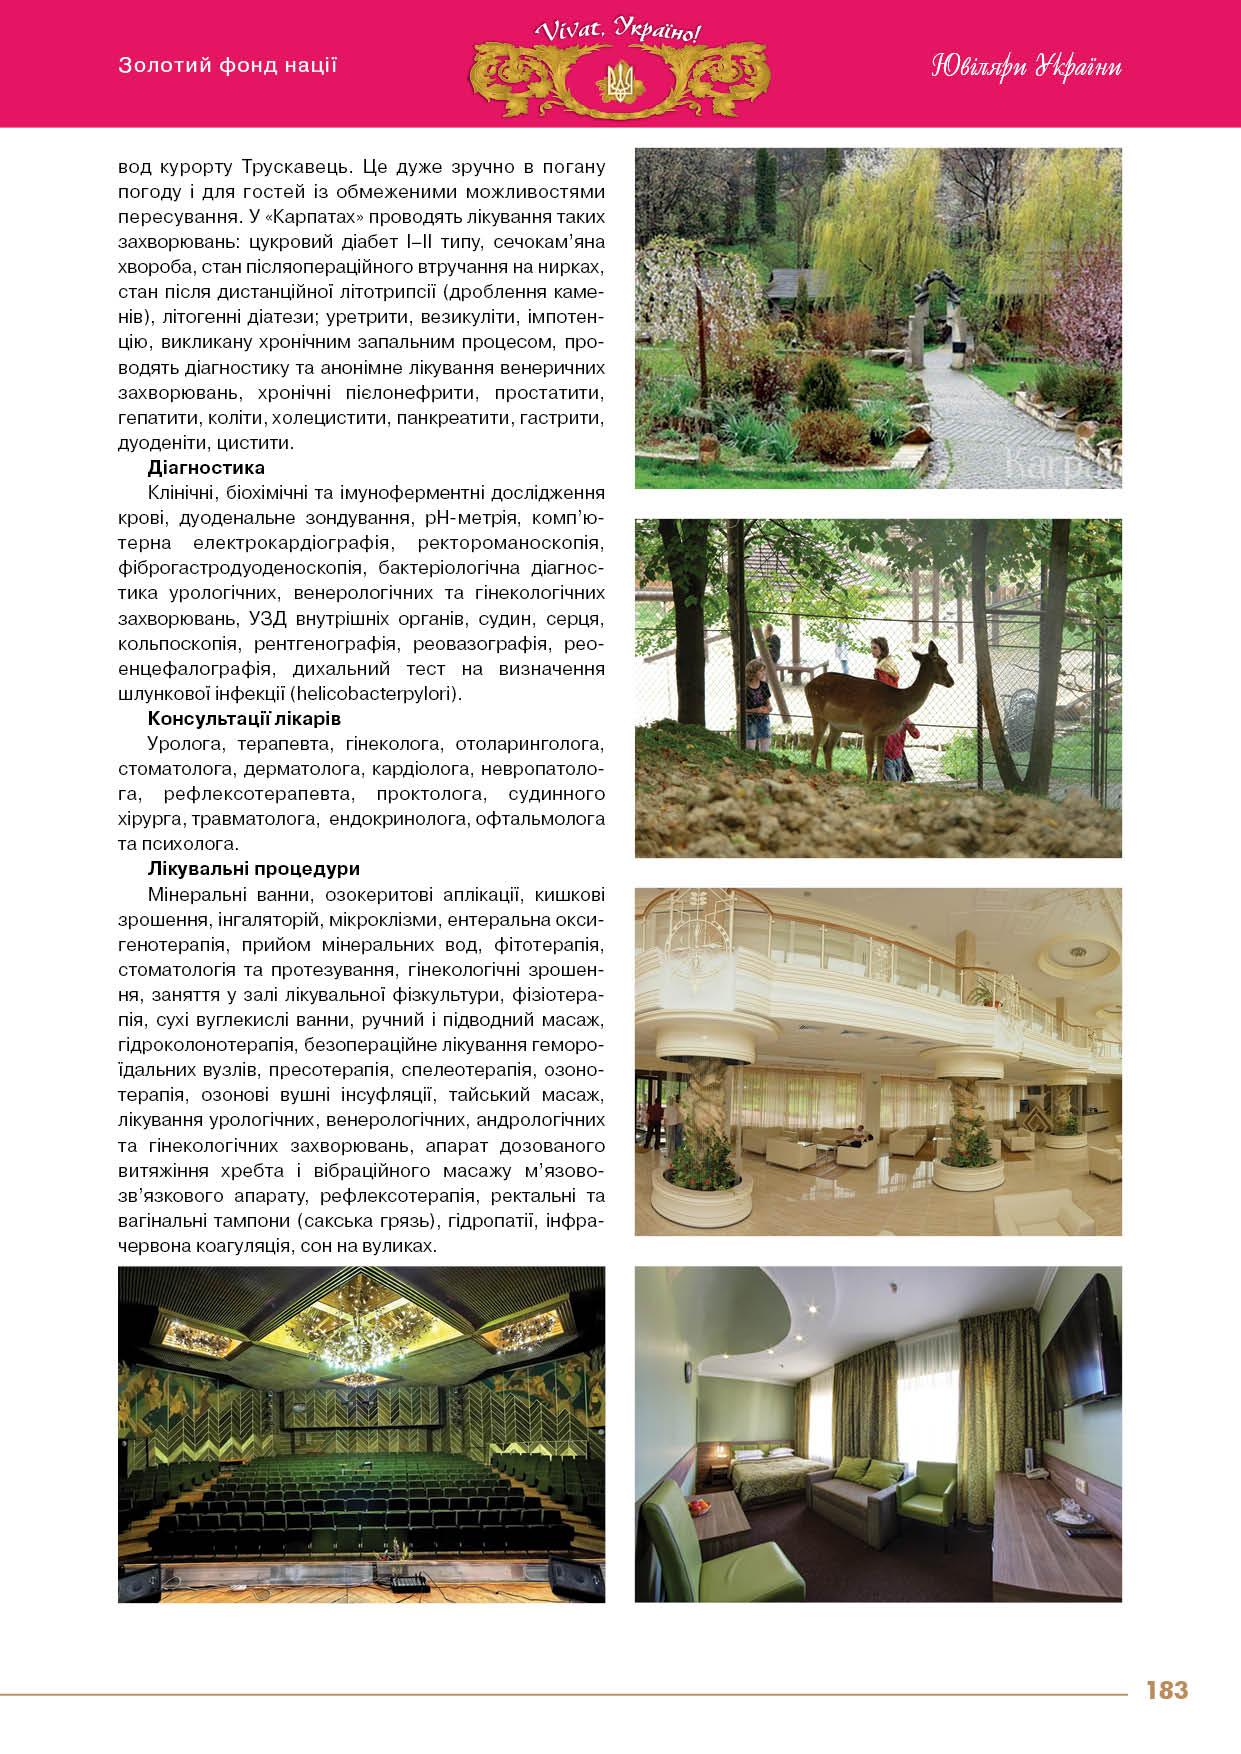 Готельно-курортний комплекс «Карпати»